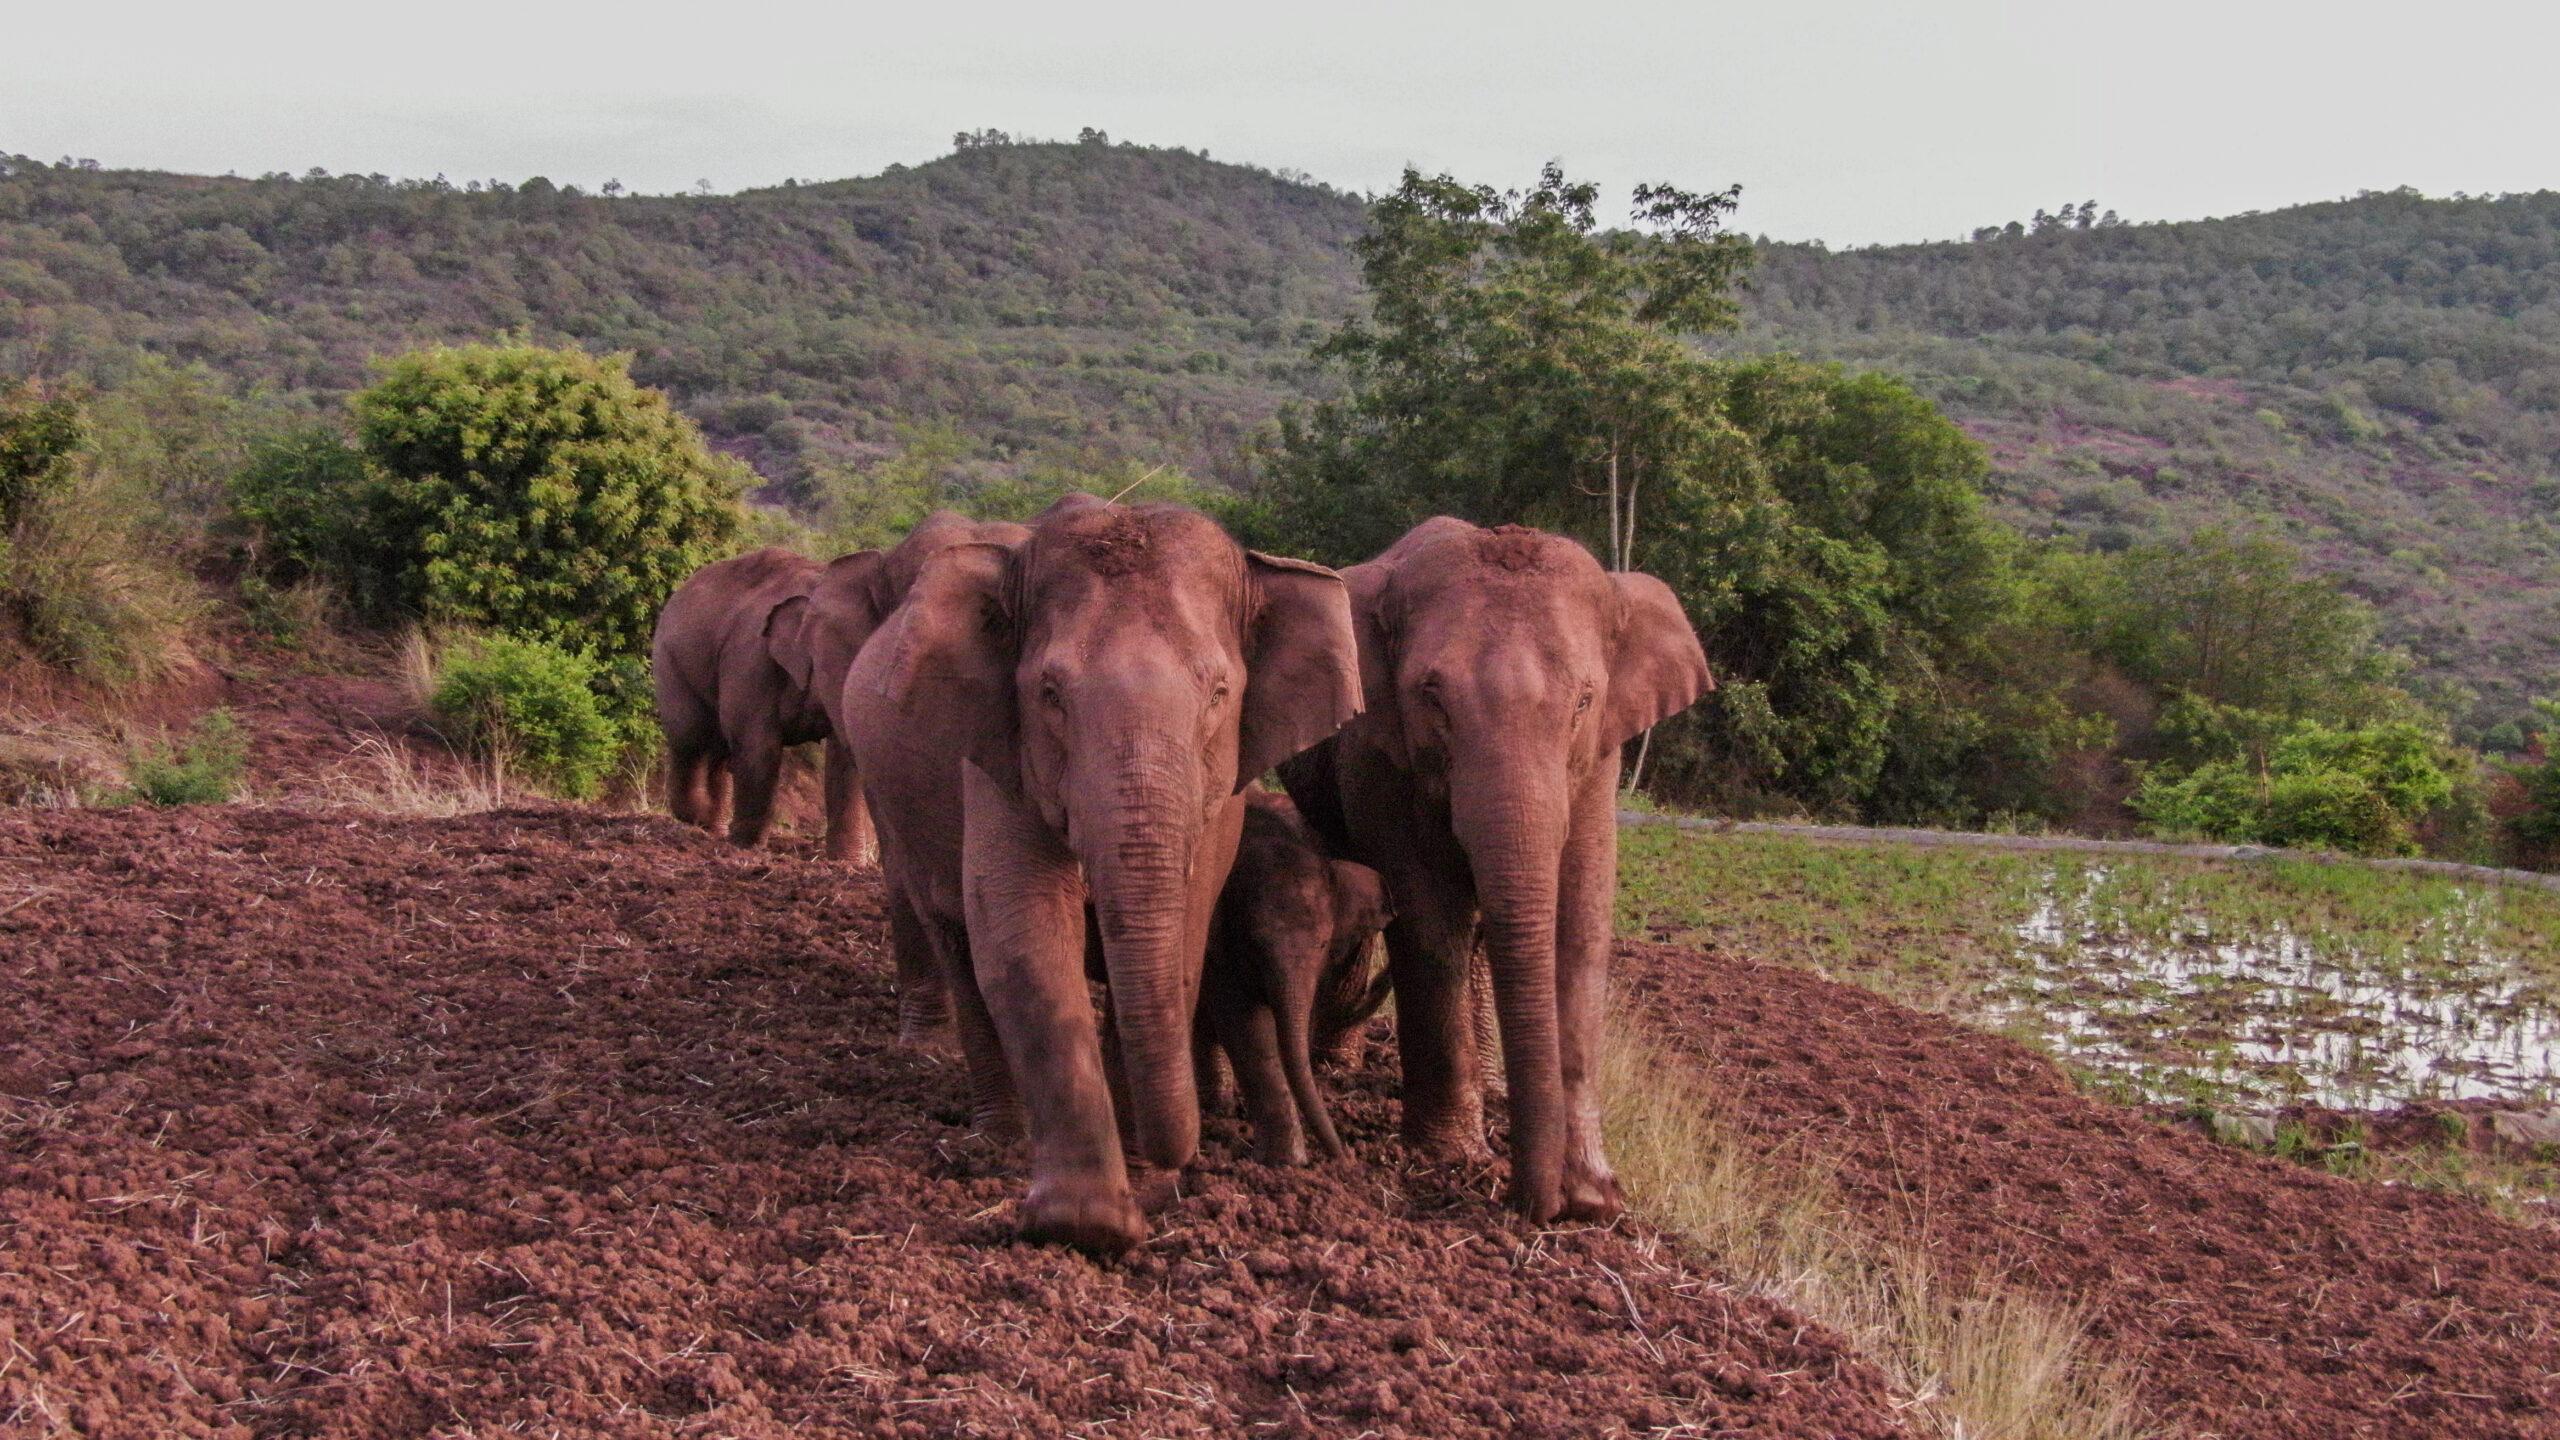 ยูนนานเผย 'ช้างป่า' โขลงใหญ่ หยุดทริปอพยพใกล้คุนหมิง